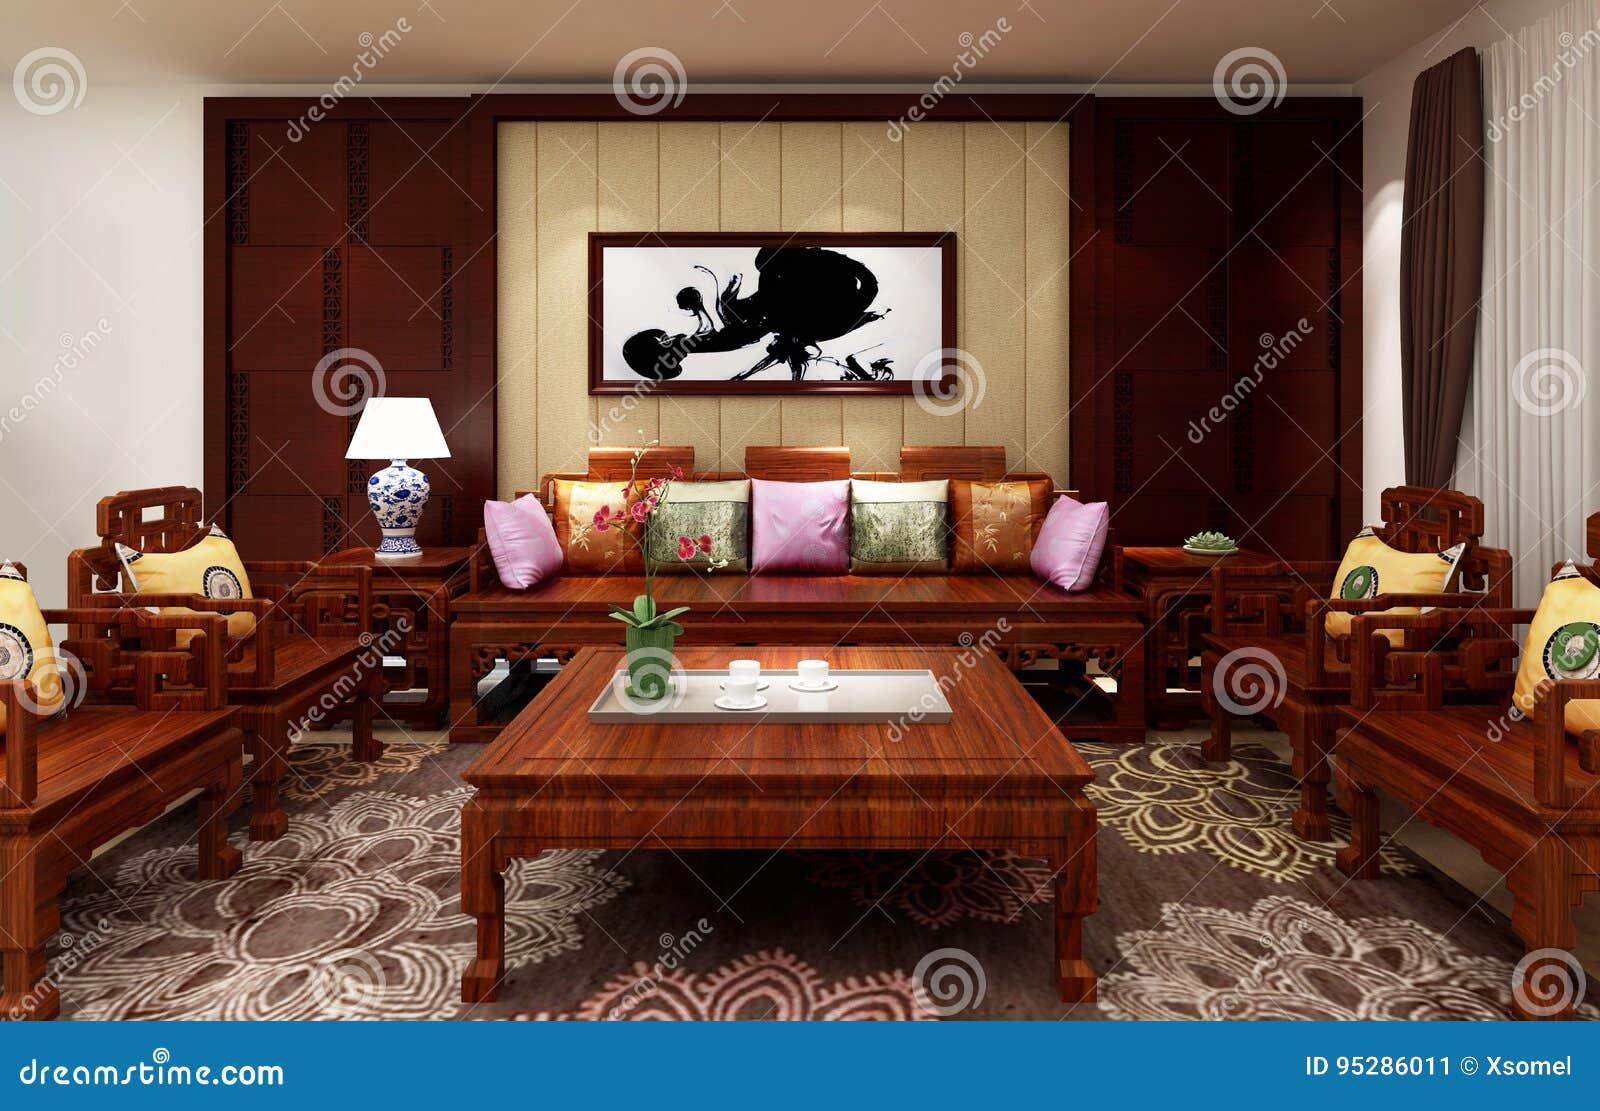 Erstaunlich Download Chinesisches Wohnzimmer, Hintergrund Der Illustration 3D Stock  Abbildung   Illustration Von Abbildung, Hotel